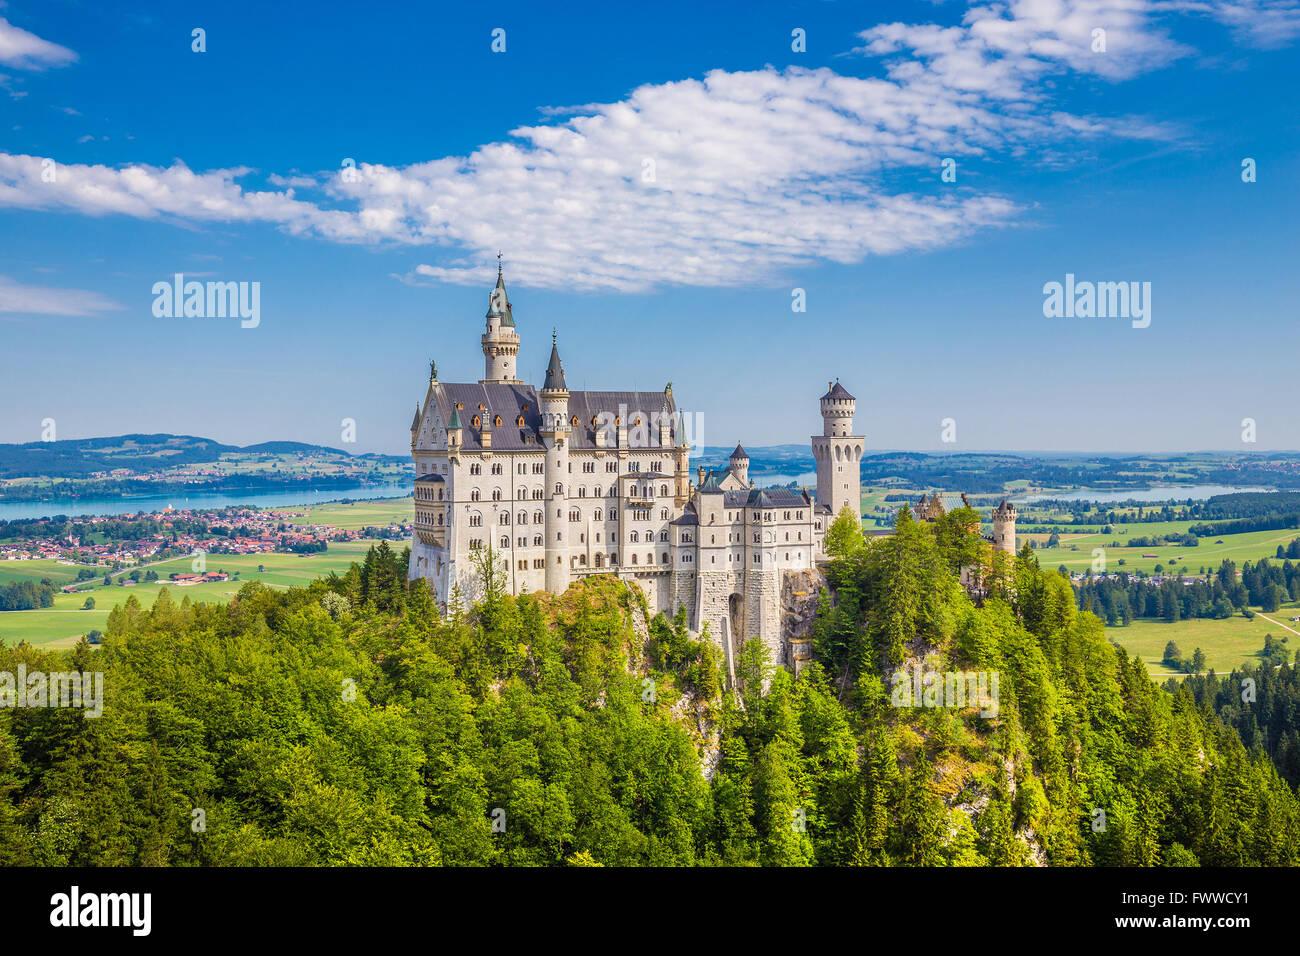 Visualizzazione classica del famoso castello di Neuschwanstein, Baviera, Germania Immagini Stock